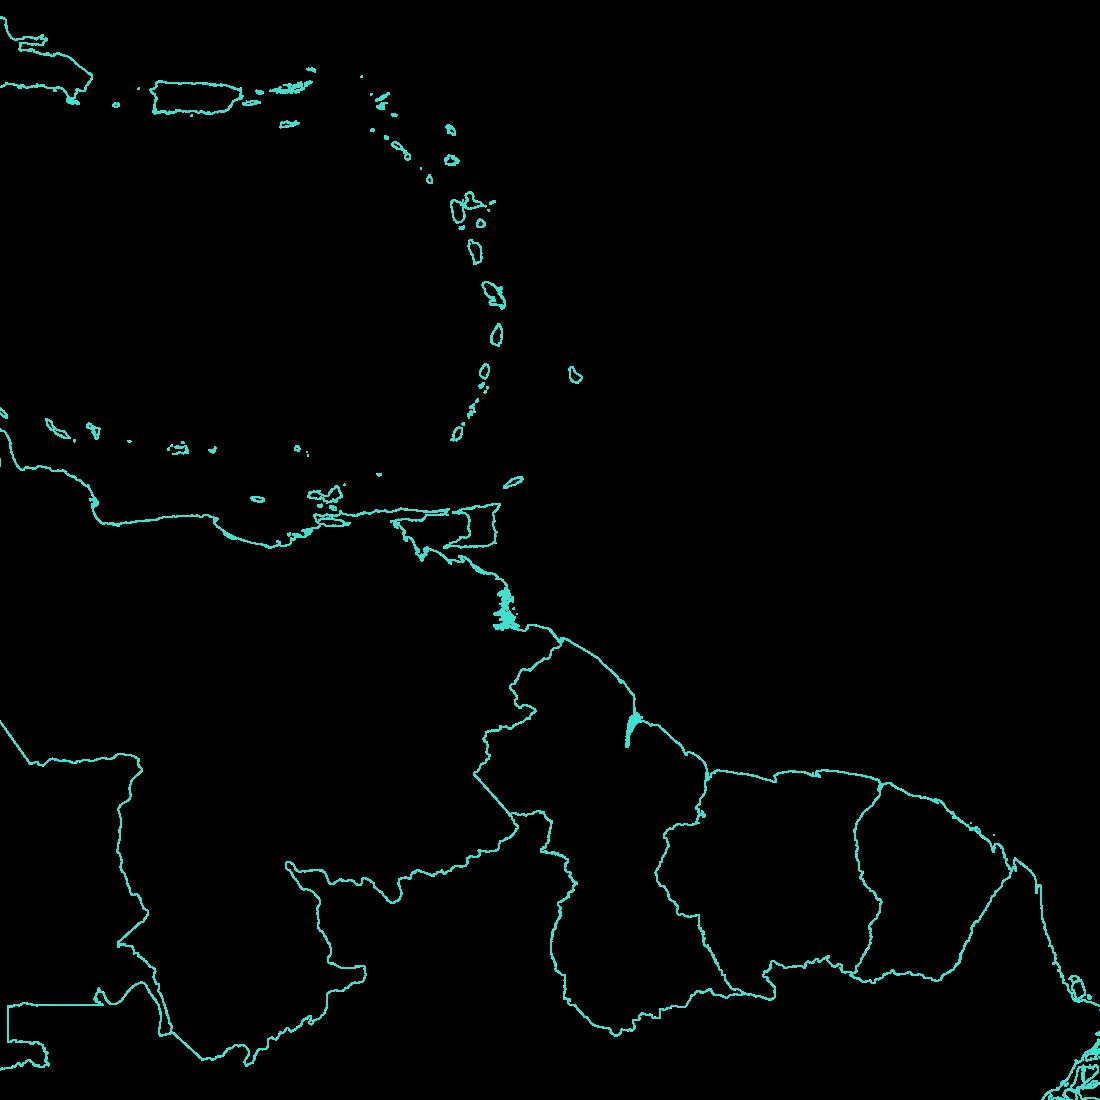 Tia coastline